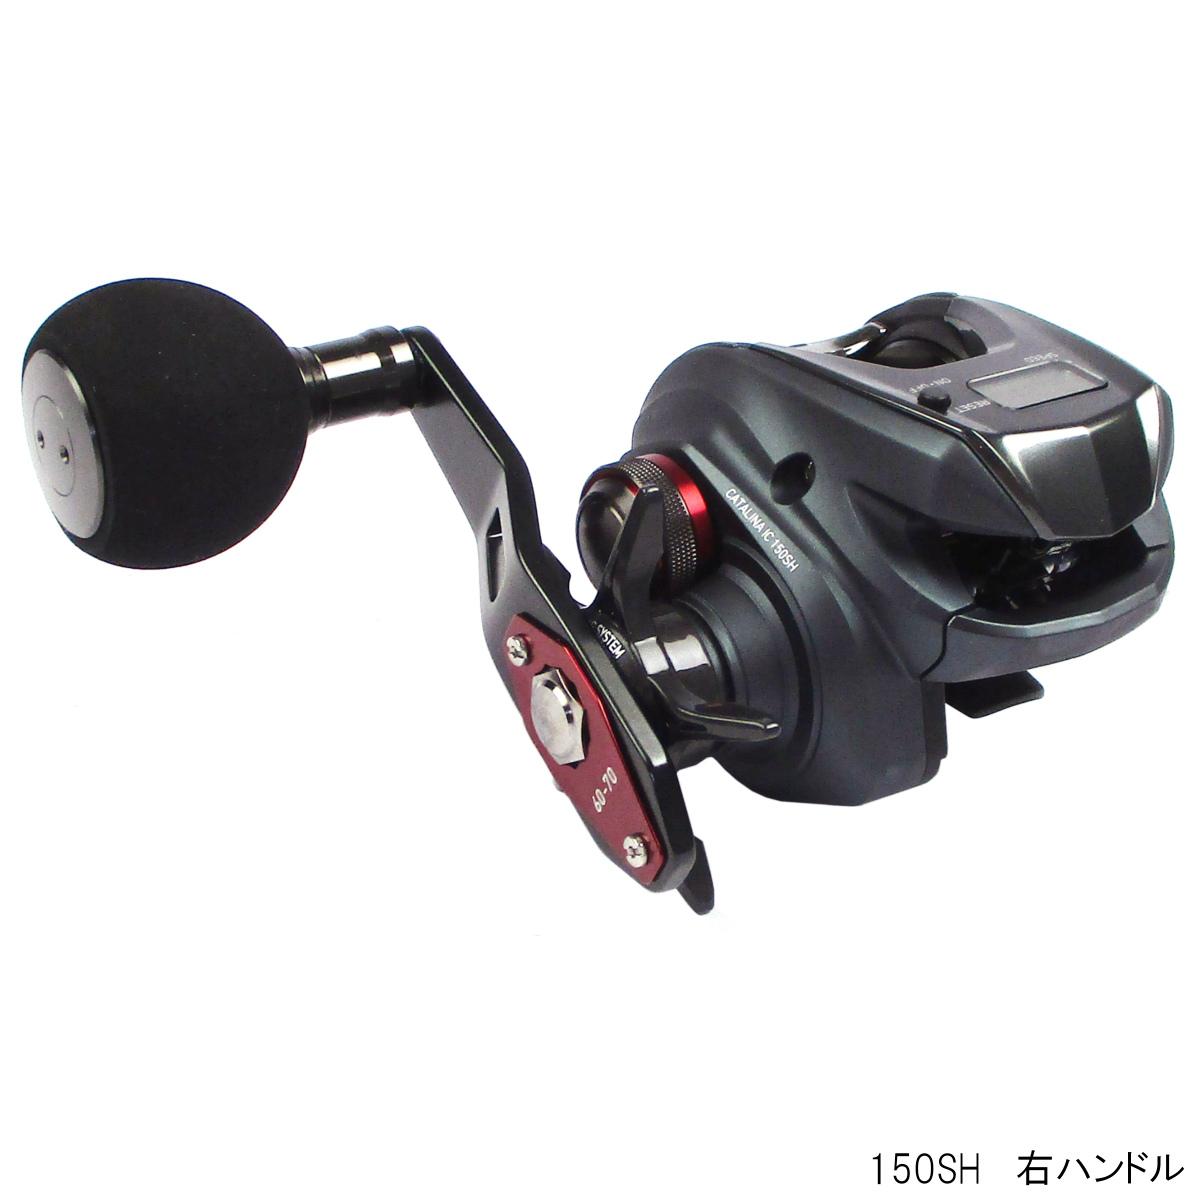 ダイワ キャタリナ IC 150SH 右ハンドル(東日本店)